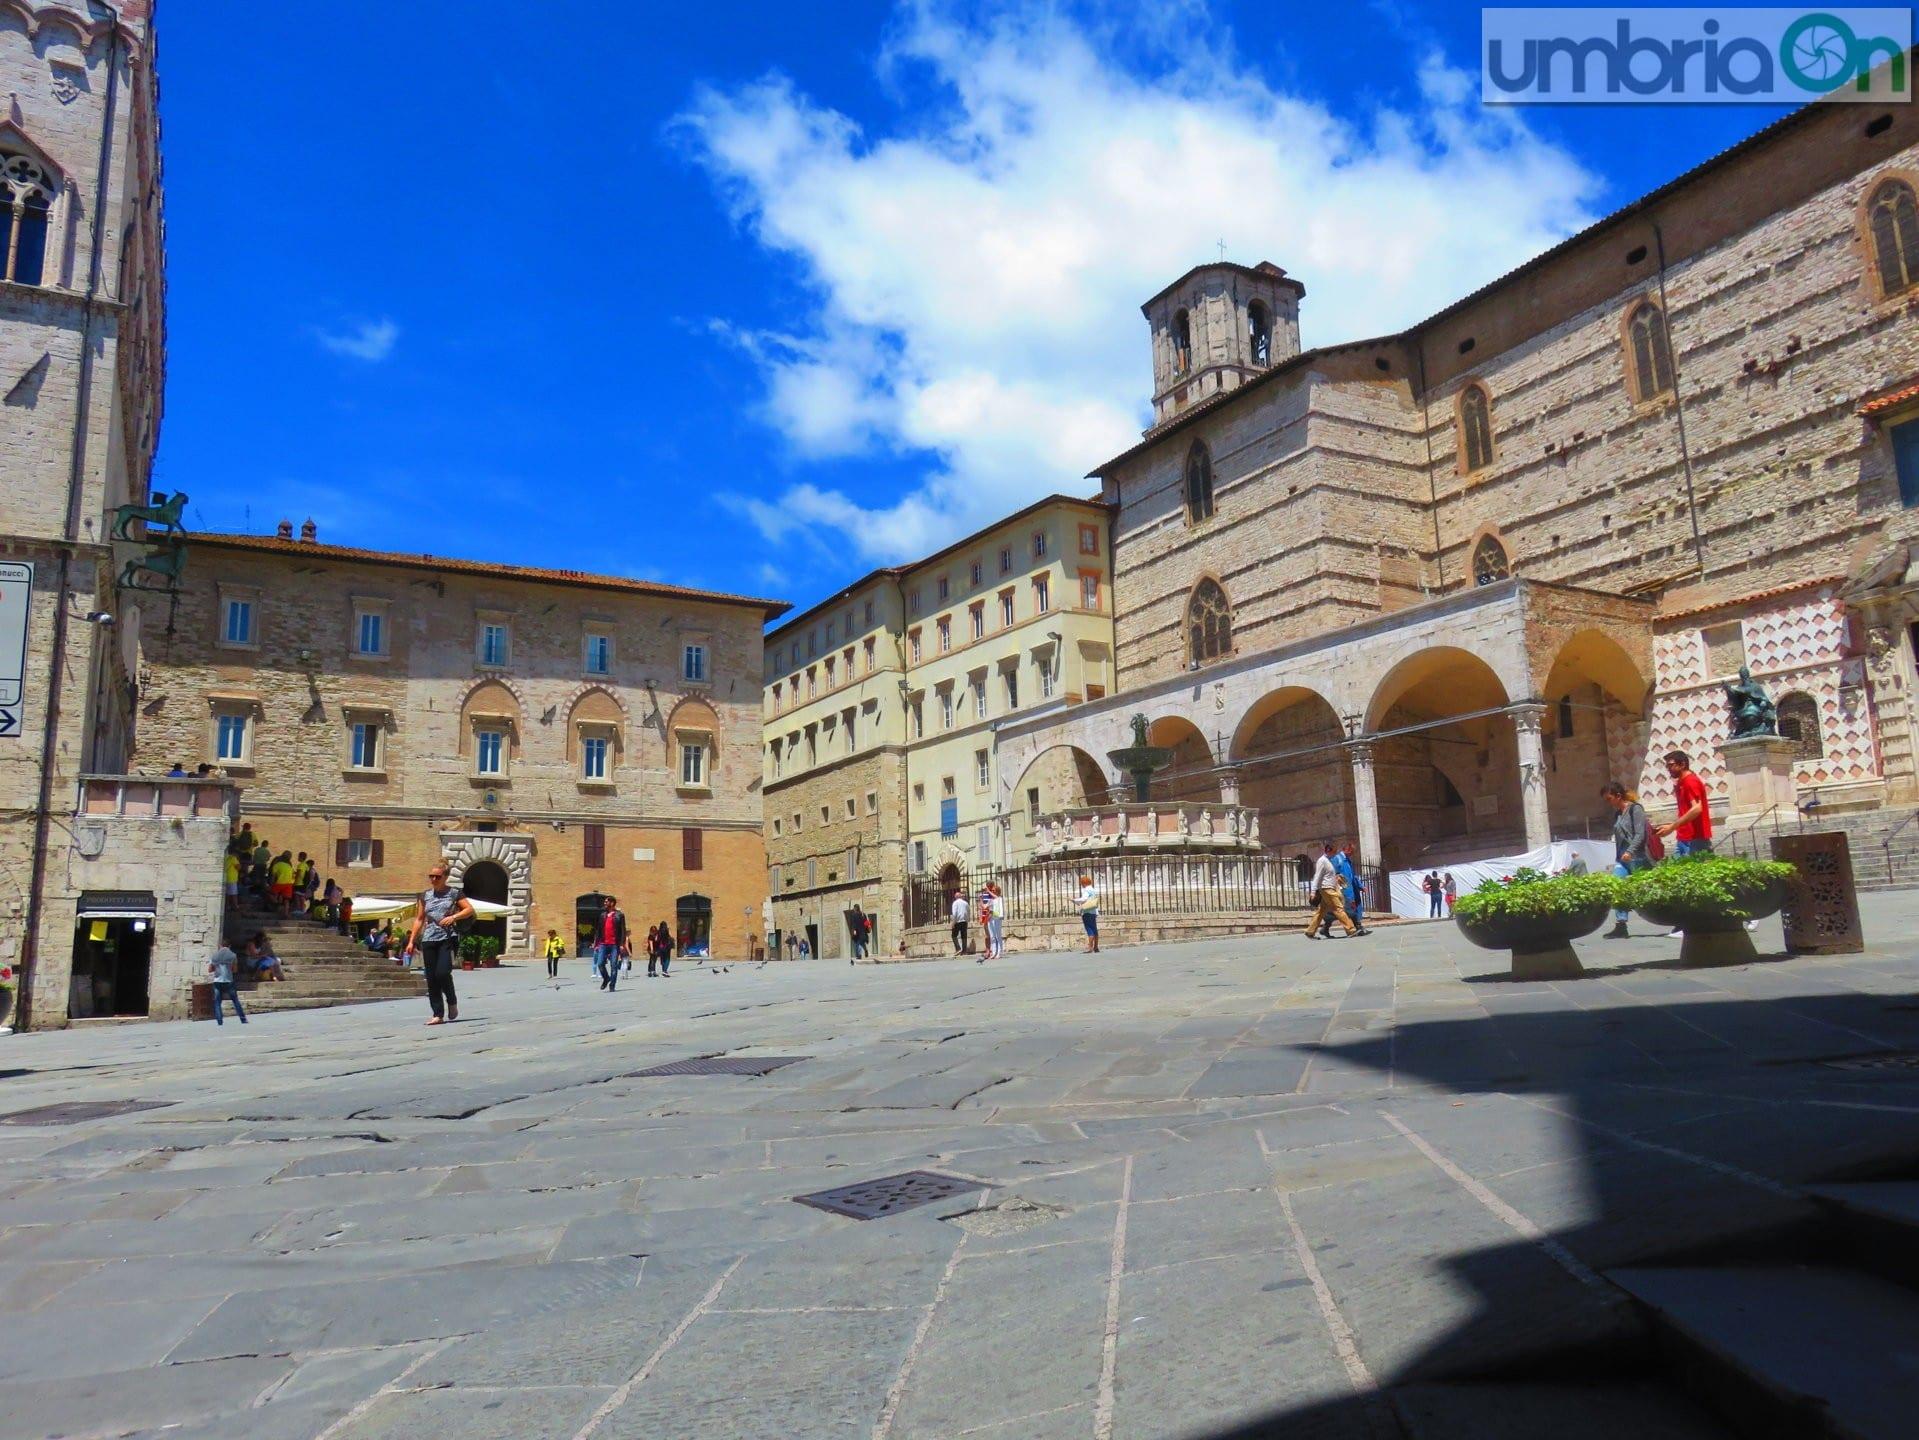 Earth hour in umbria monumenti spenti umbriaon for Arredare milano piazza iv novembre